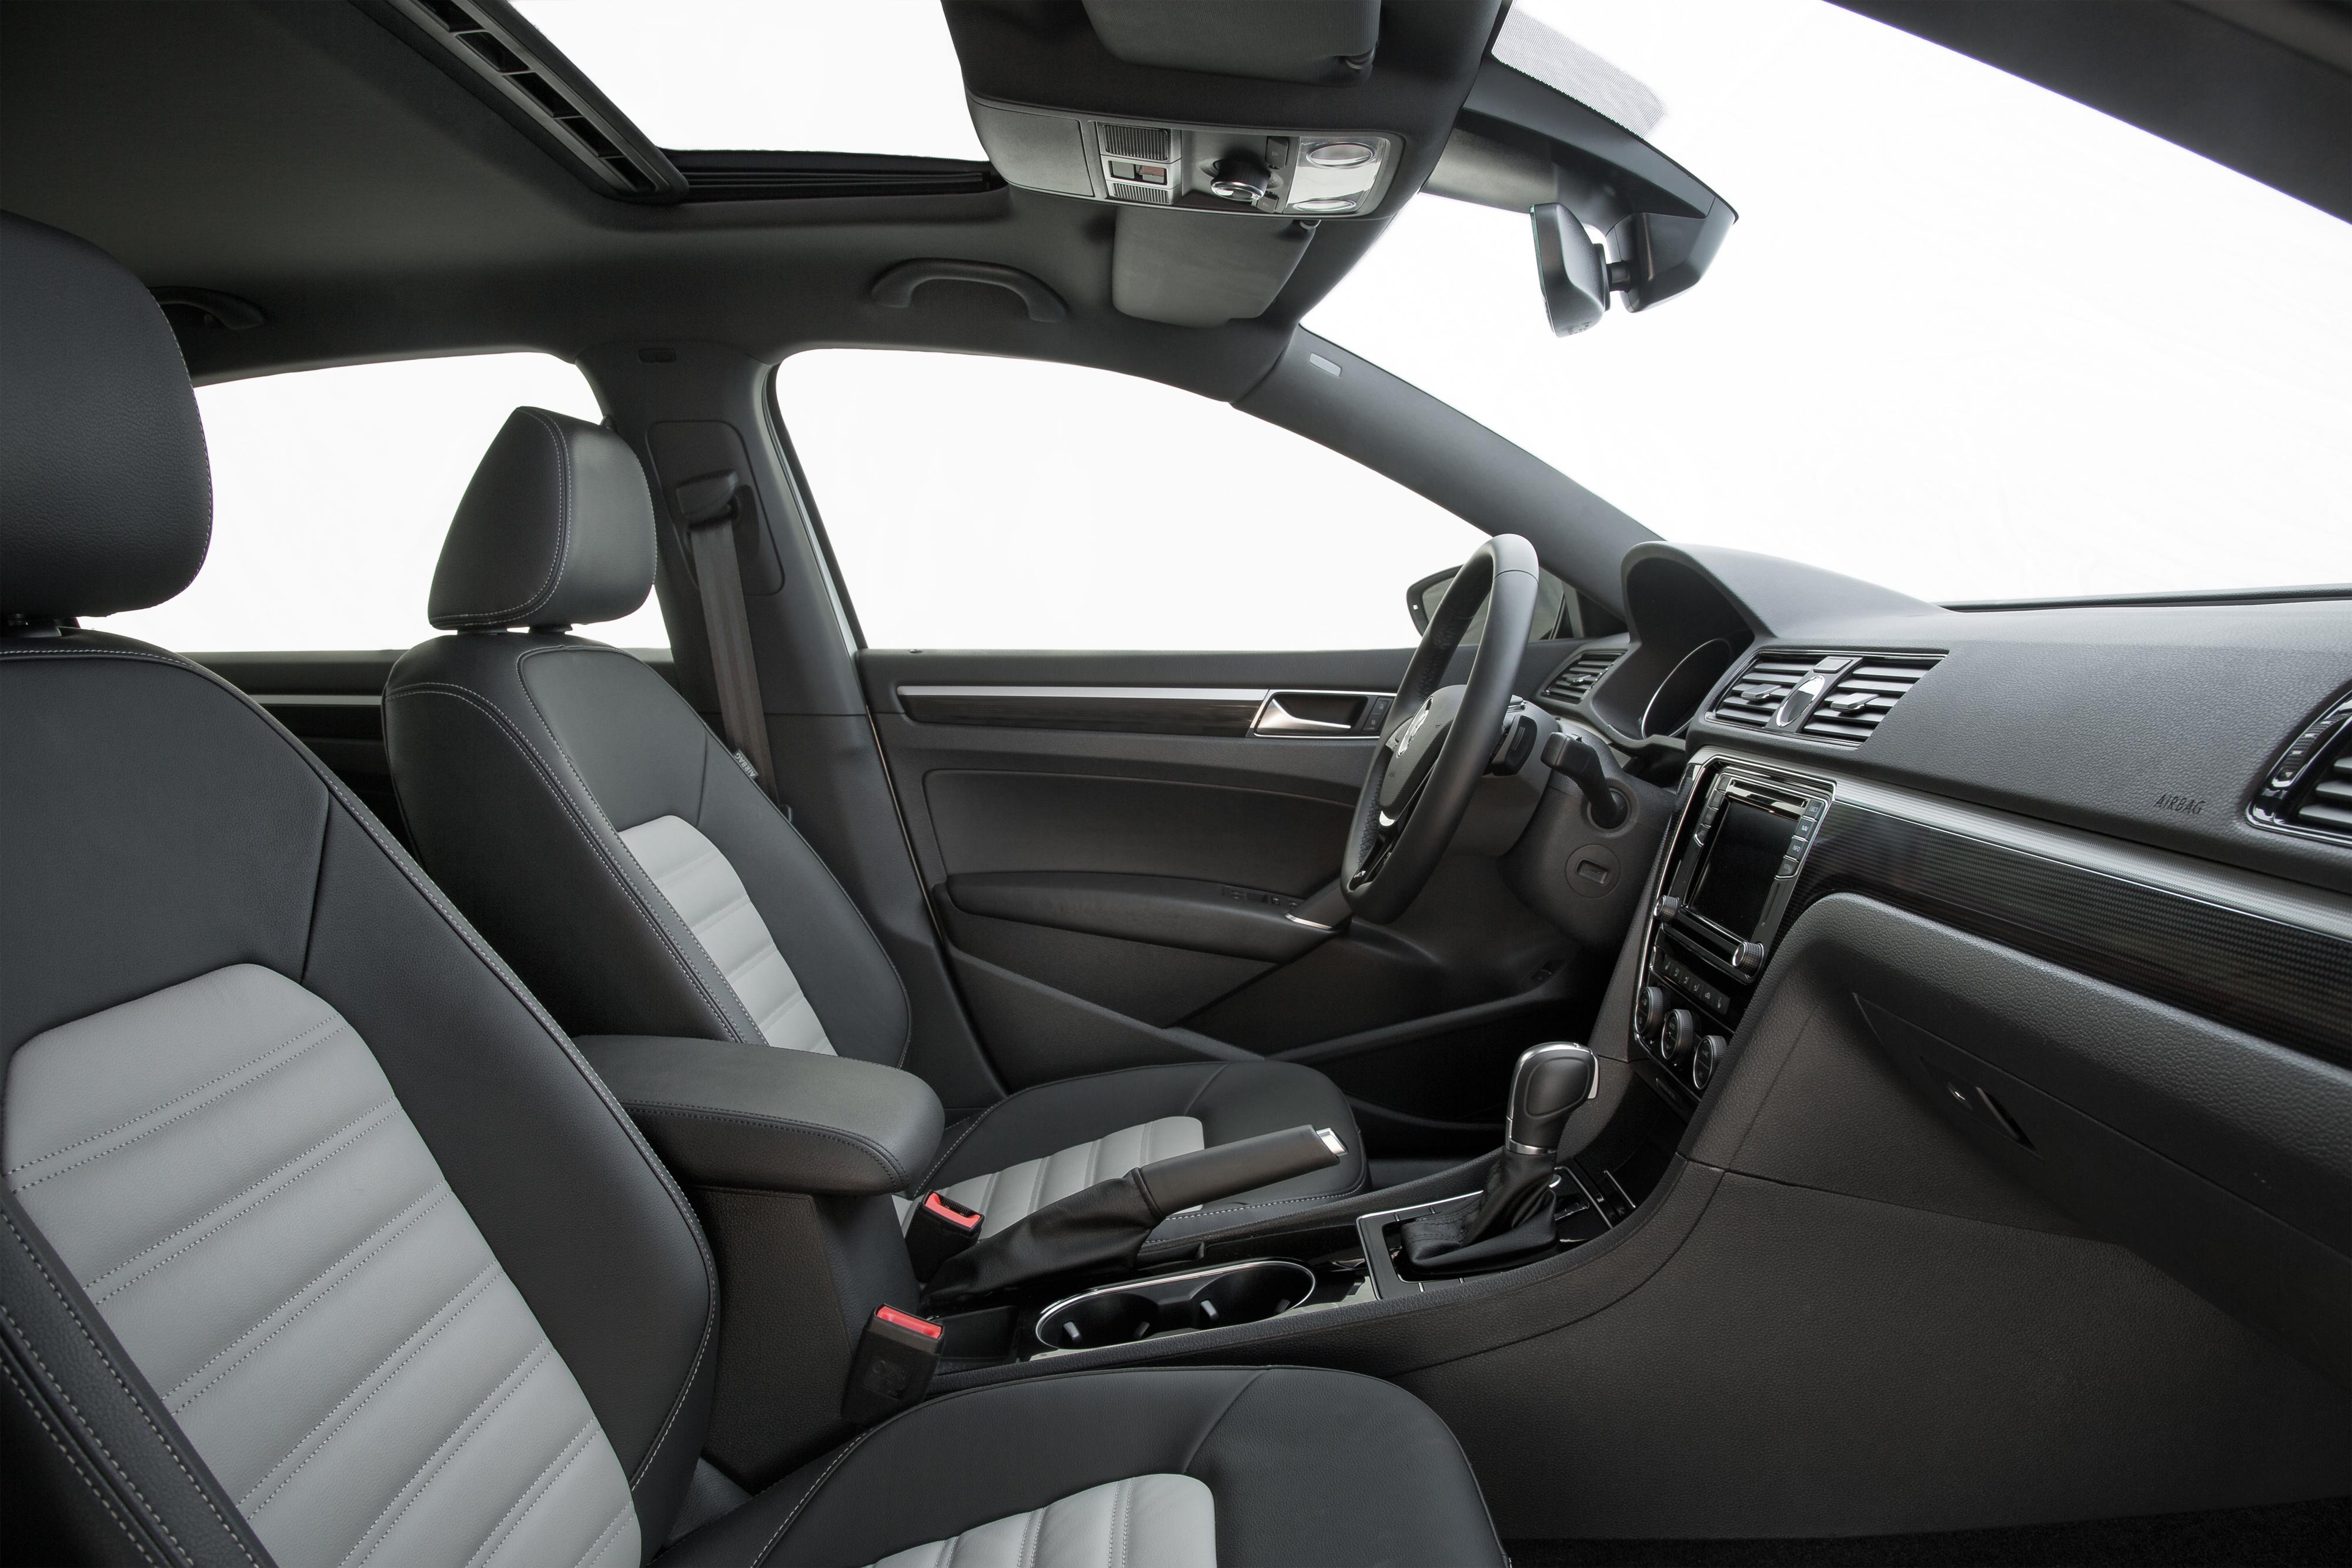 Passat GT concept